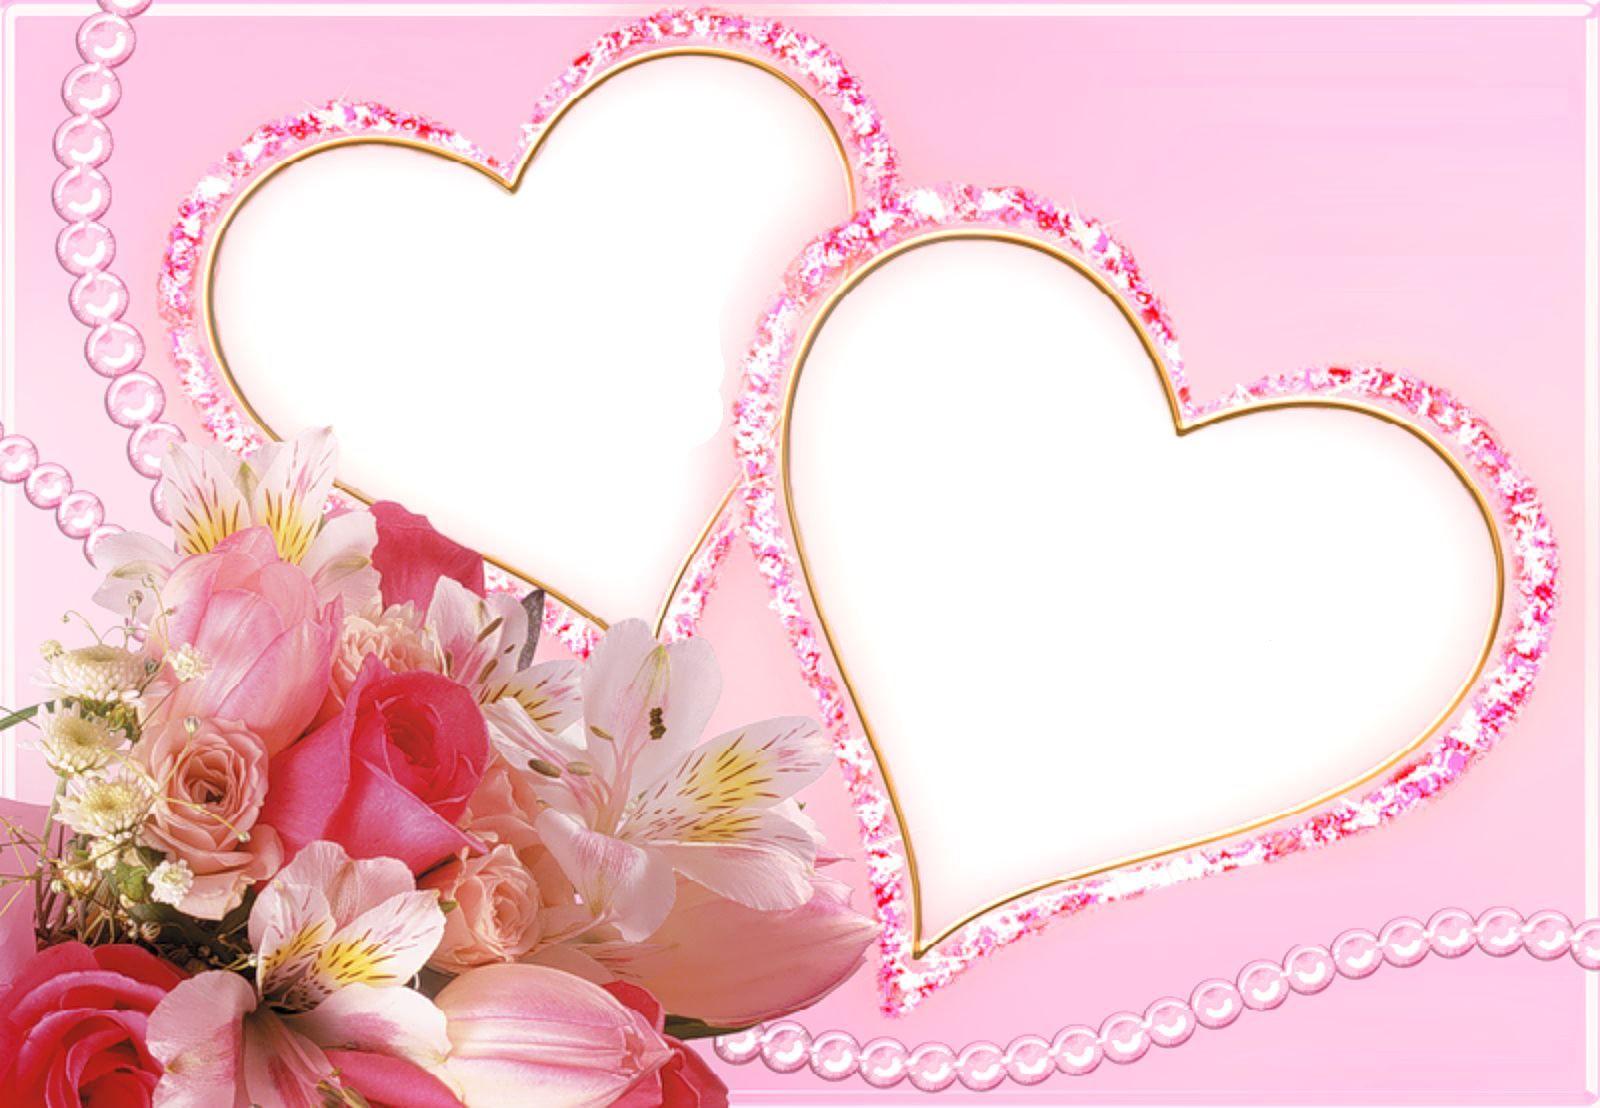 Speciale san valentino effetti fotografici cornici e - San valentino decorazioni ...